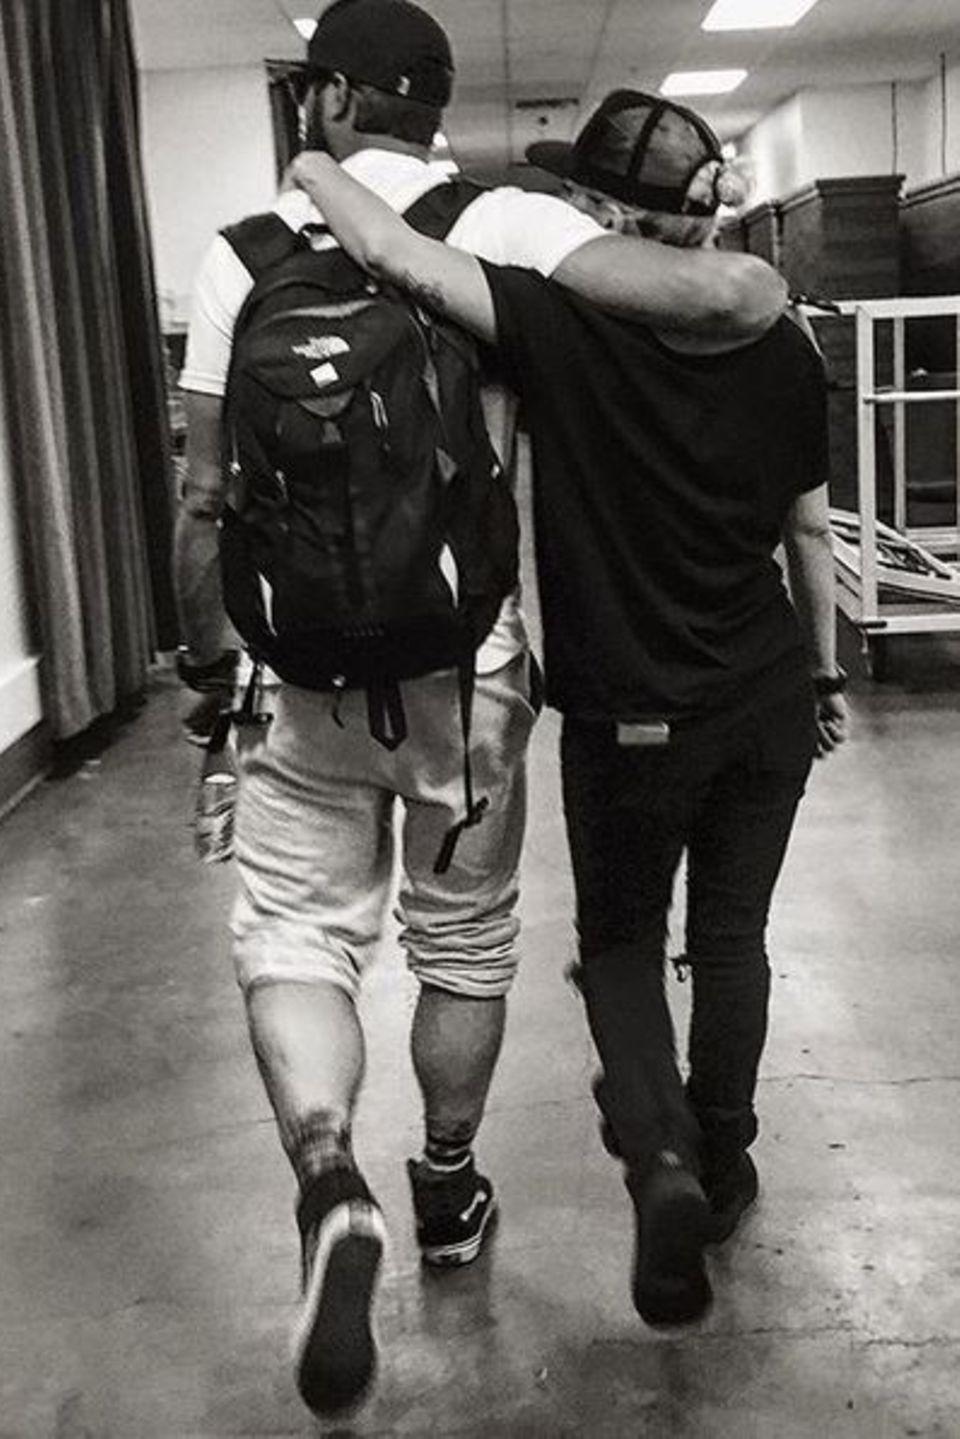 Mit diesem Foto gab Lady Gaga jetzt ihre (vorläufige) Trennung von Taylor Kinney bekannt